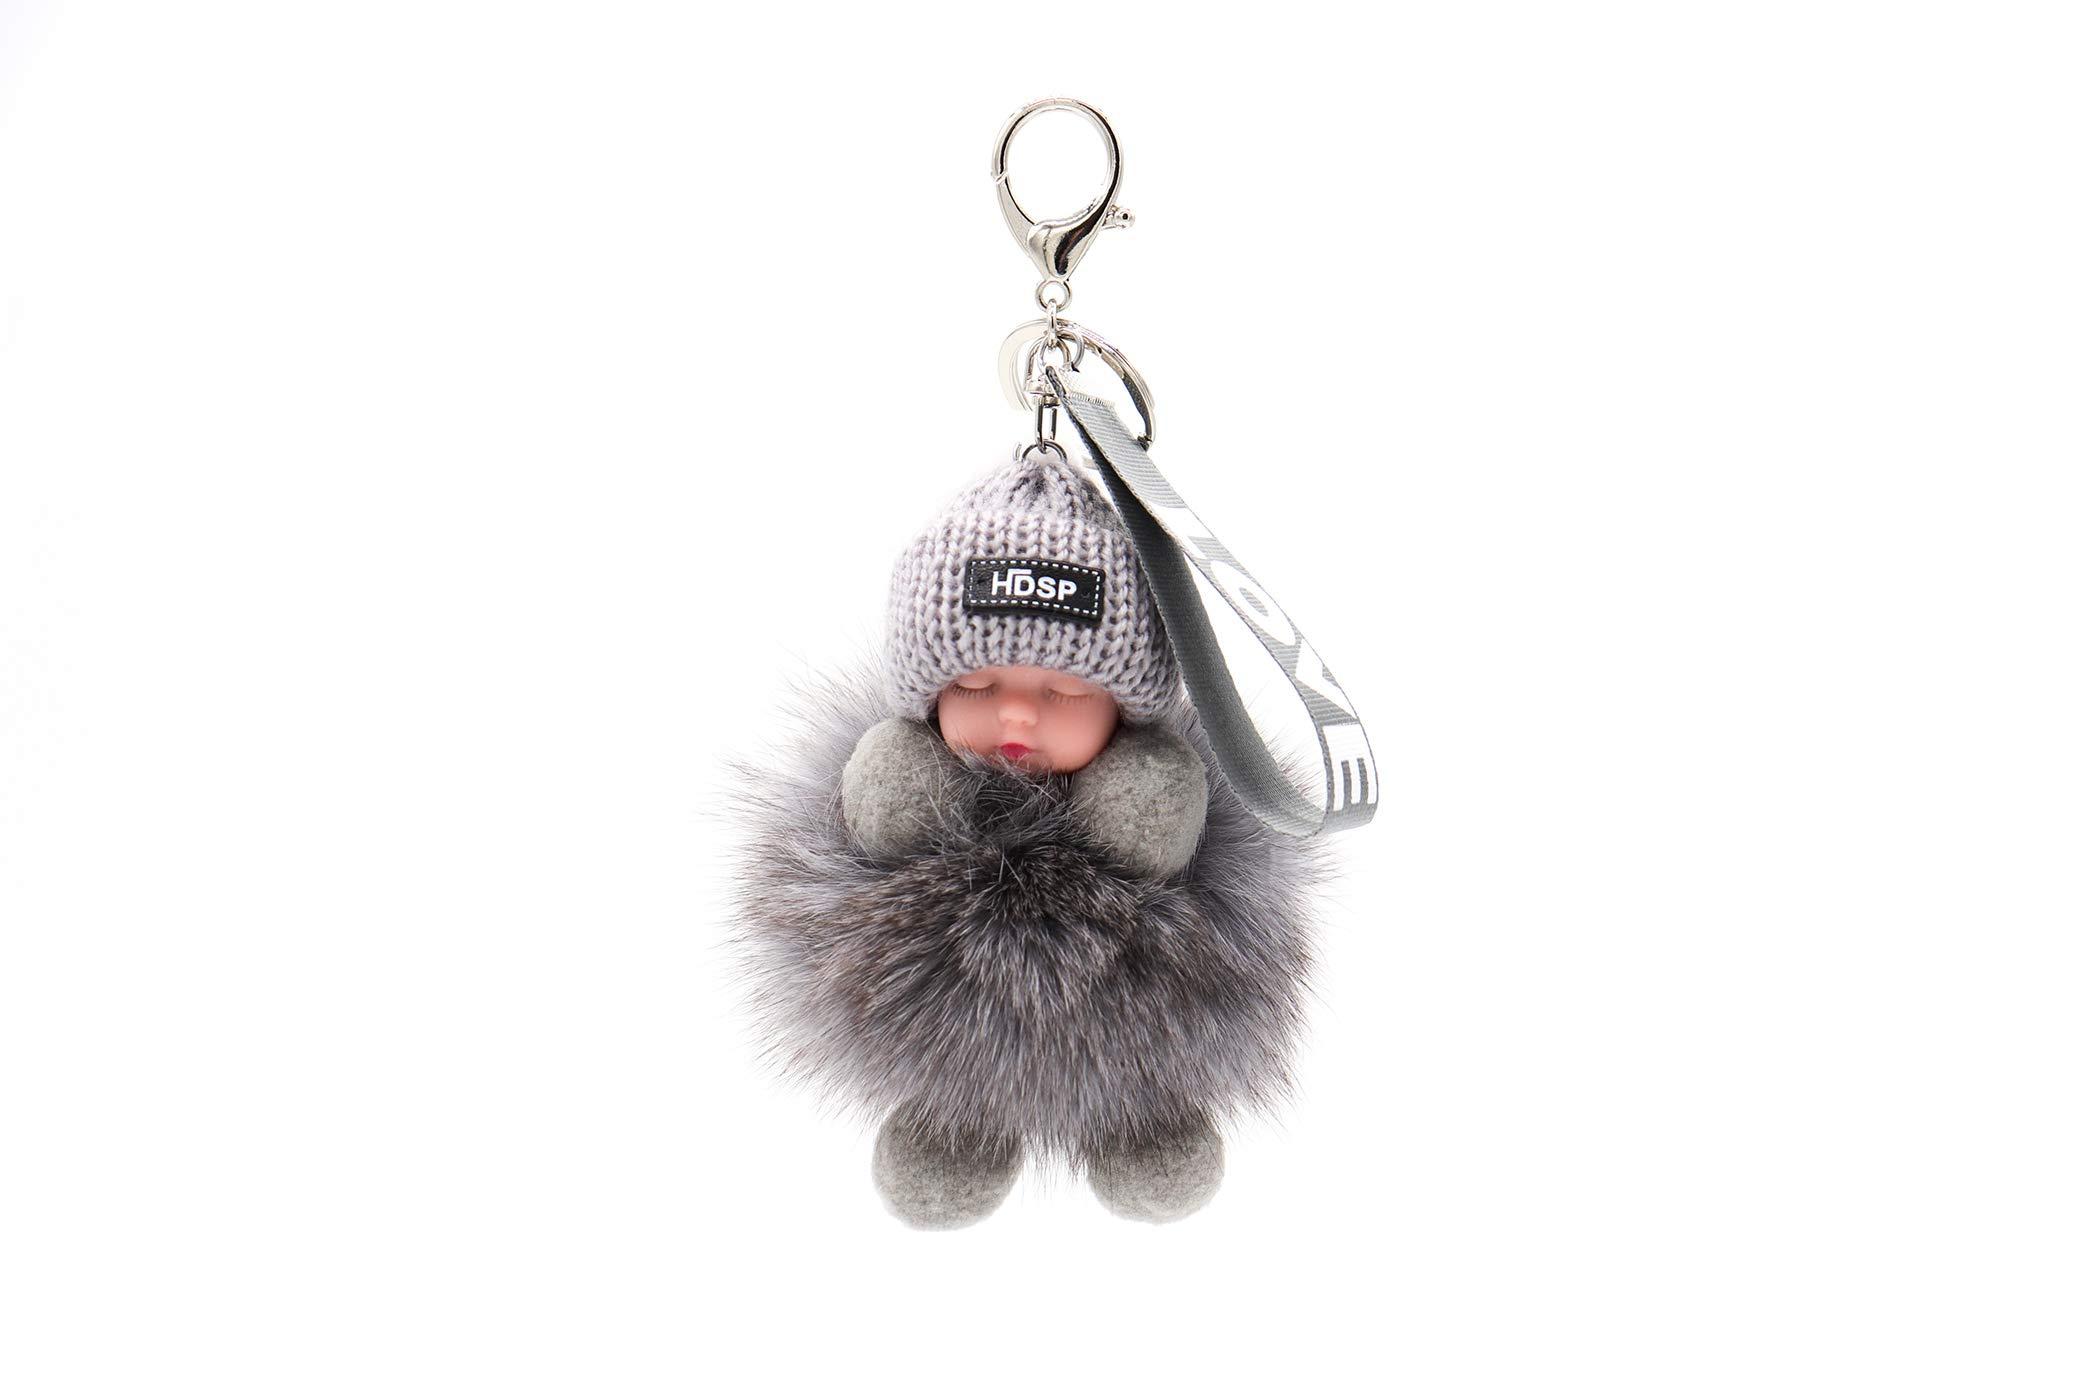 Genuine Fox Fur Baby Keychain - Pom-Pom Bag Purse Charm - Gold Ring Fluffy Fur Ball - Fashion Gift (grey)